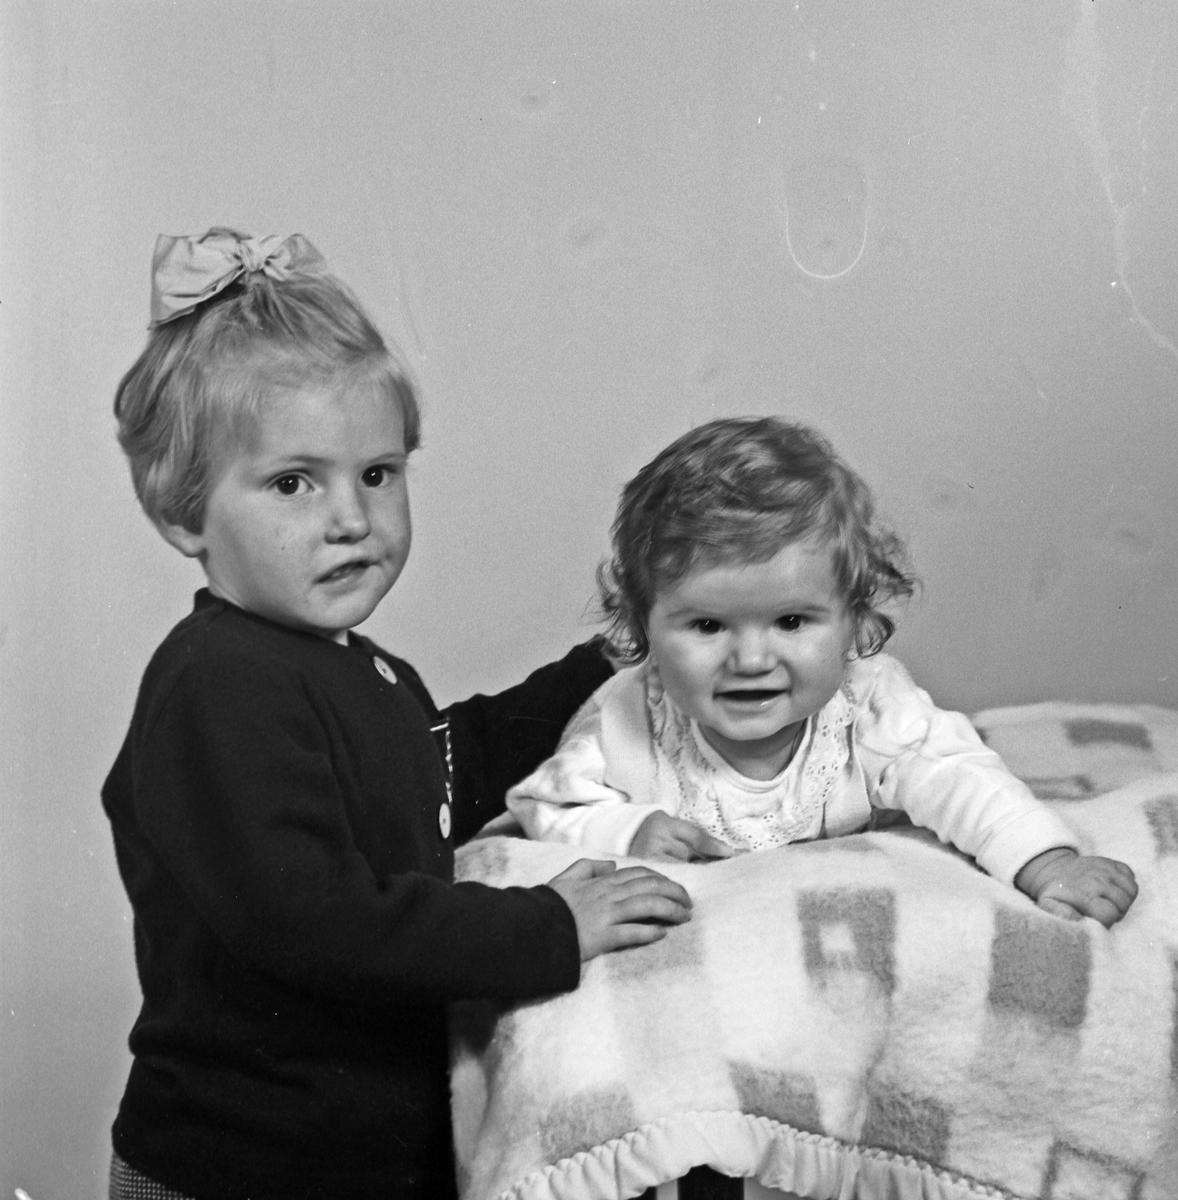 Portett av 2 små barn og av en kvinne - bestiller Sivert Alne